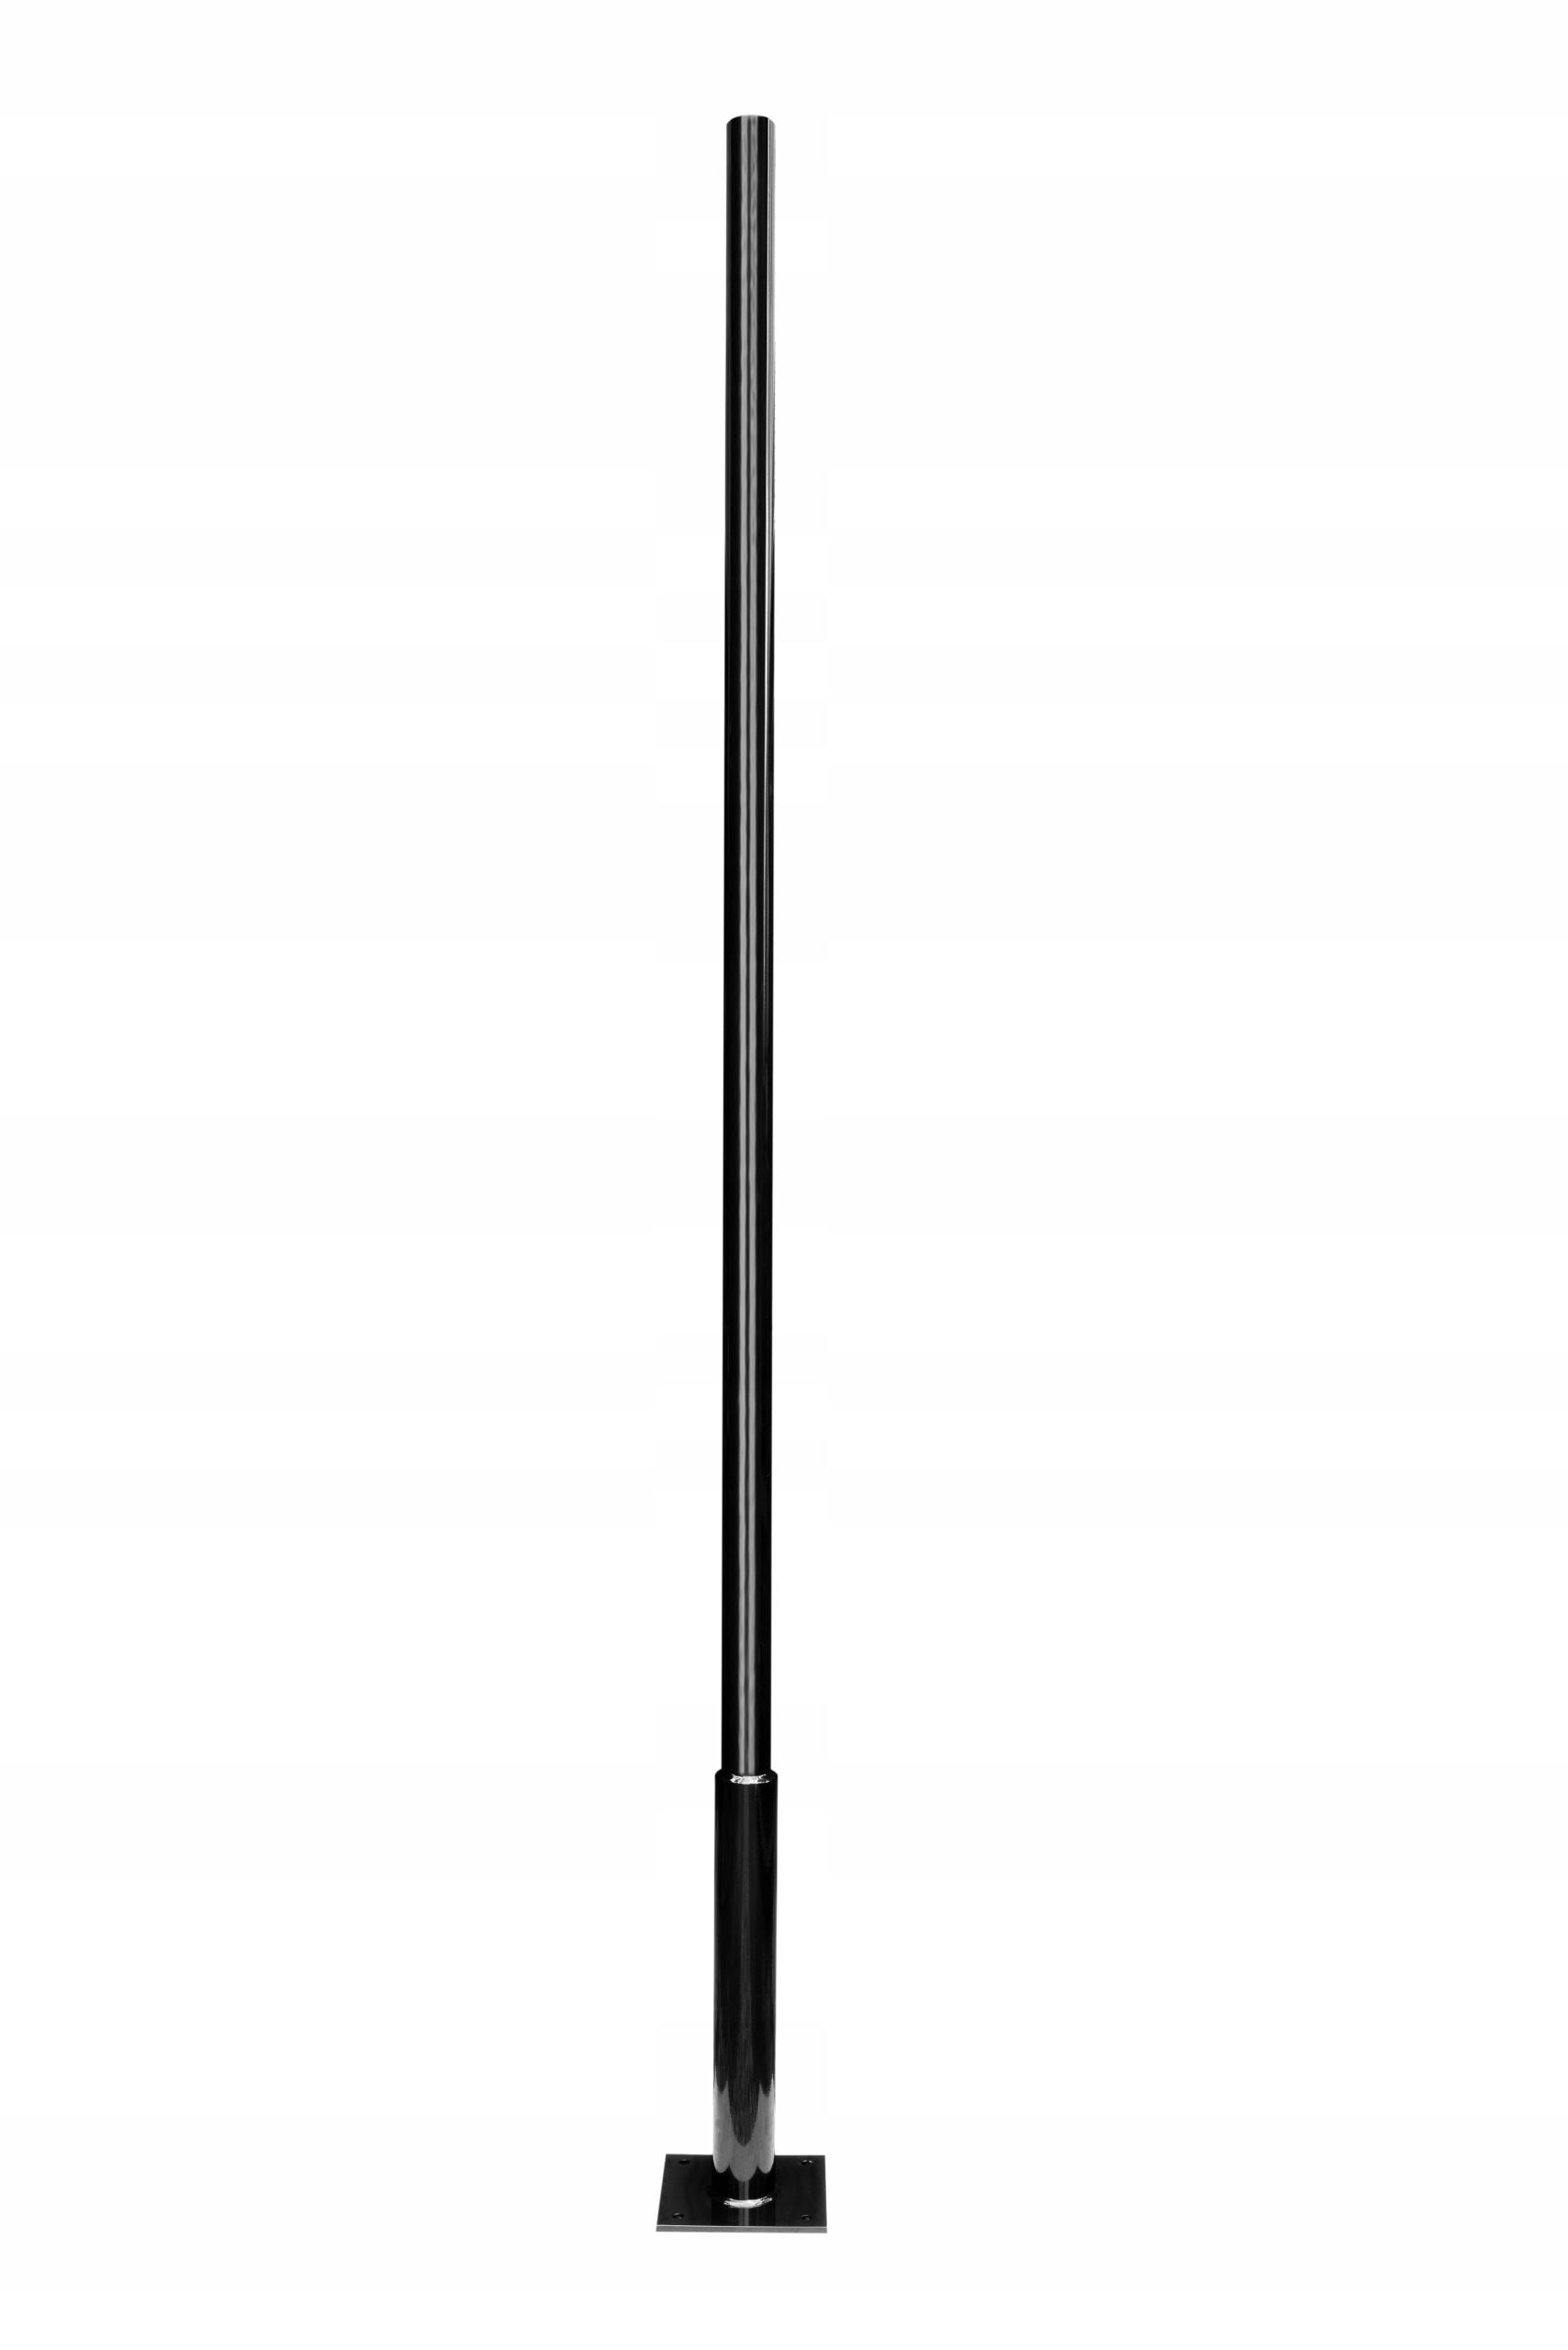 Солнечная мачта для видеонаблюдения 2,5 м, черная